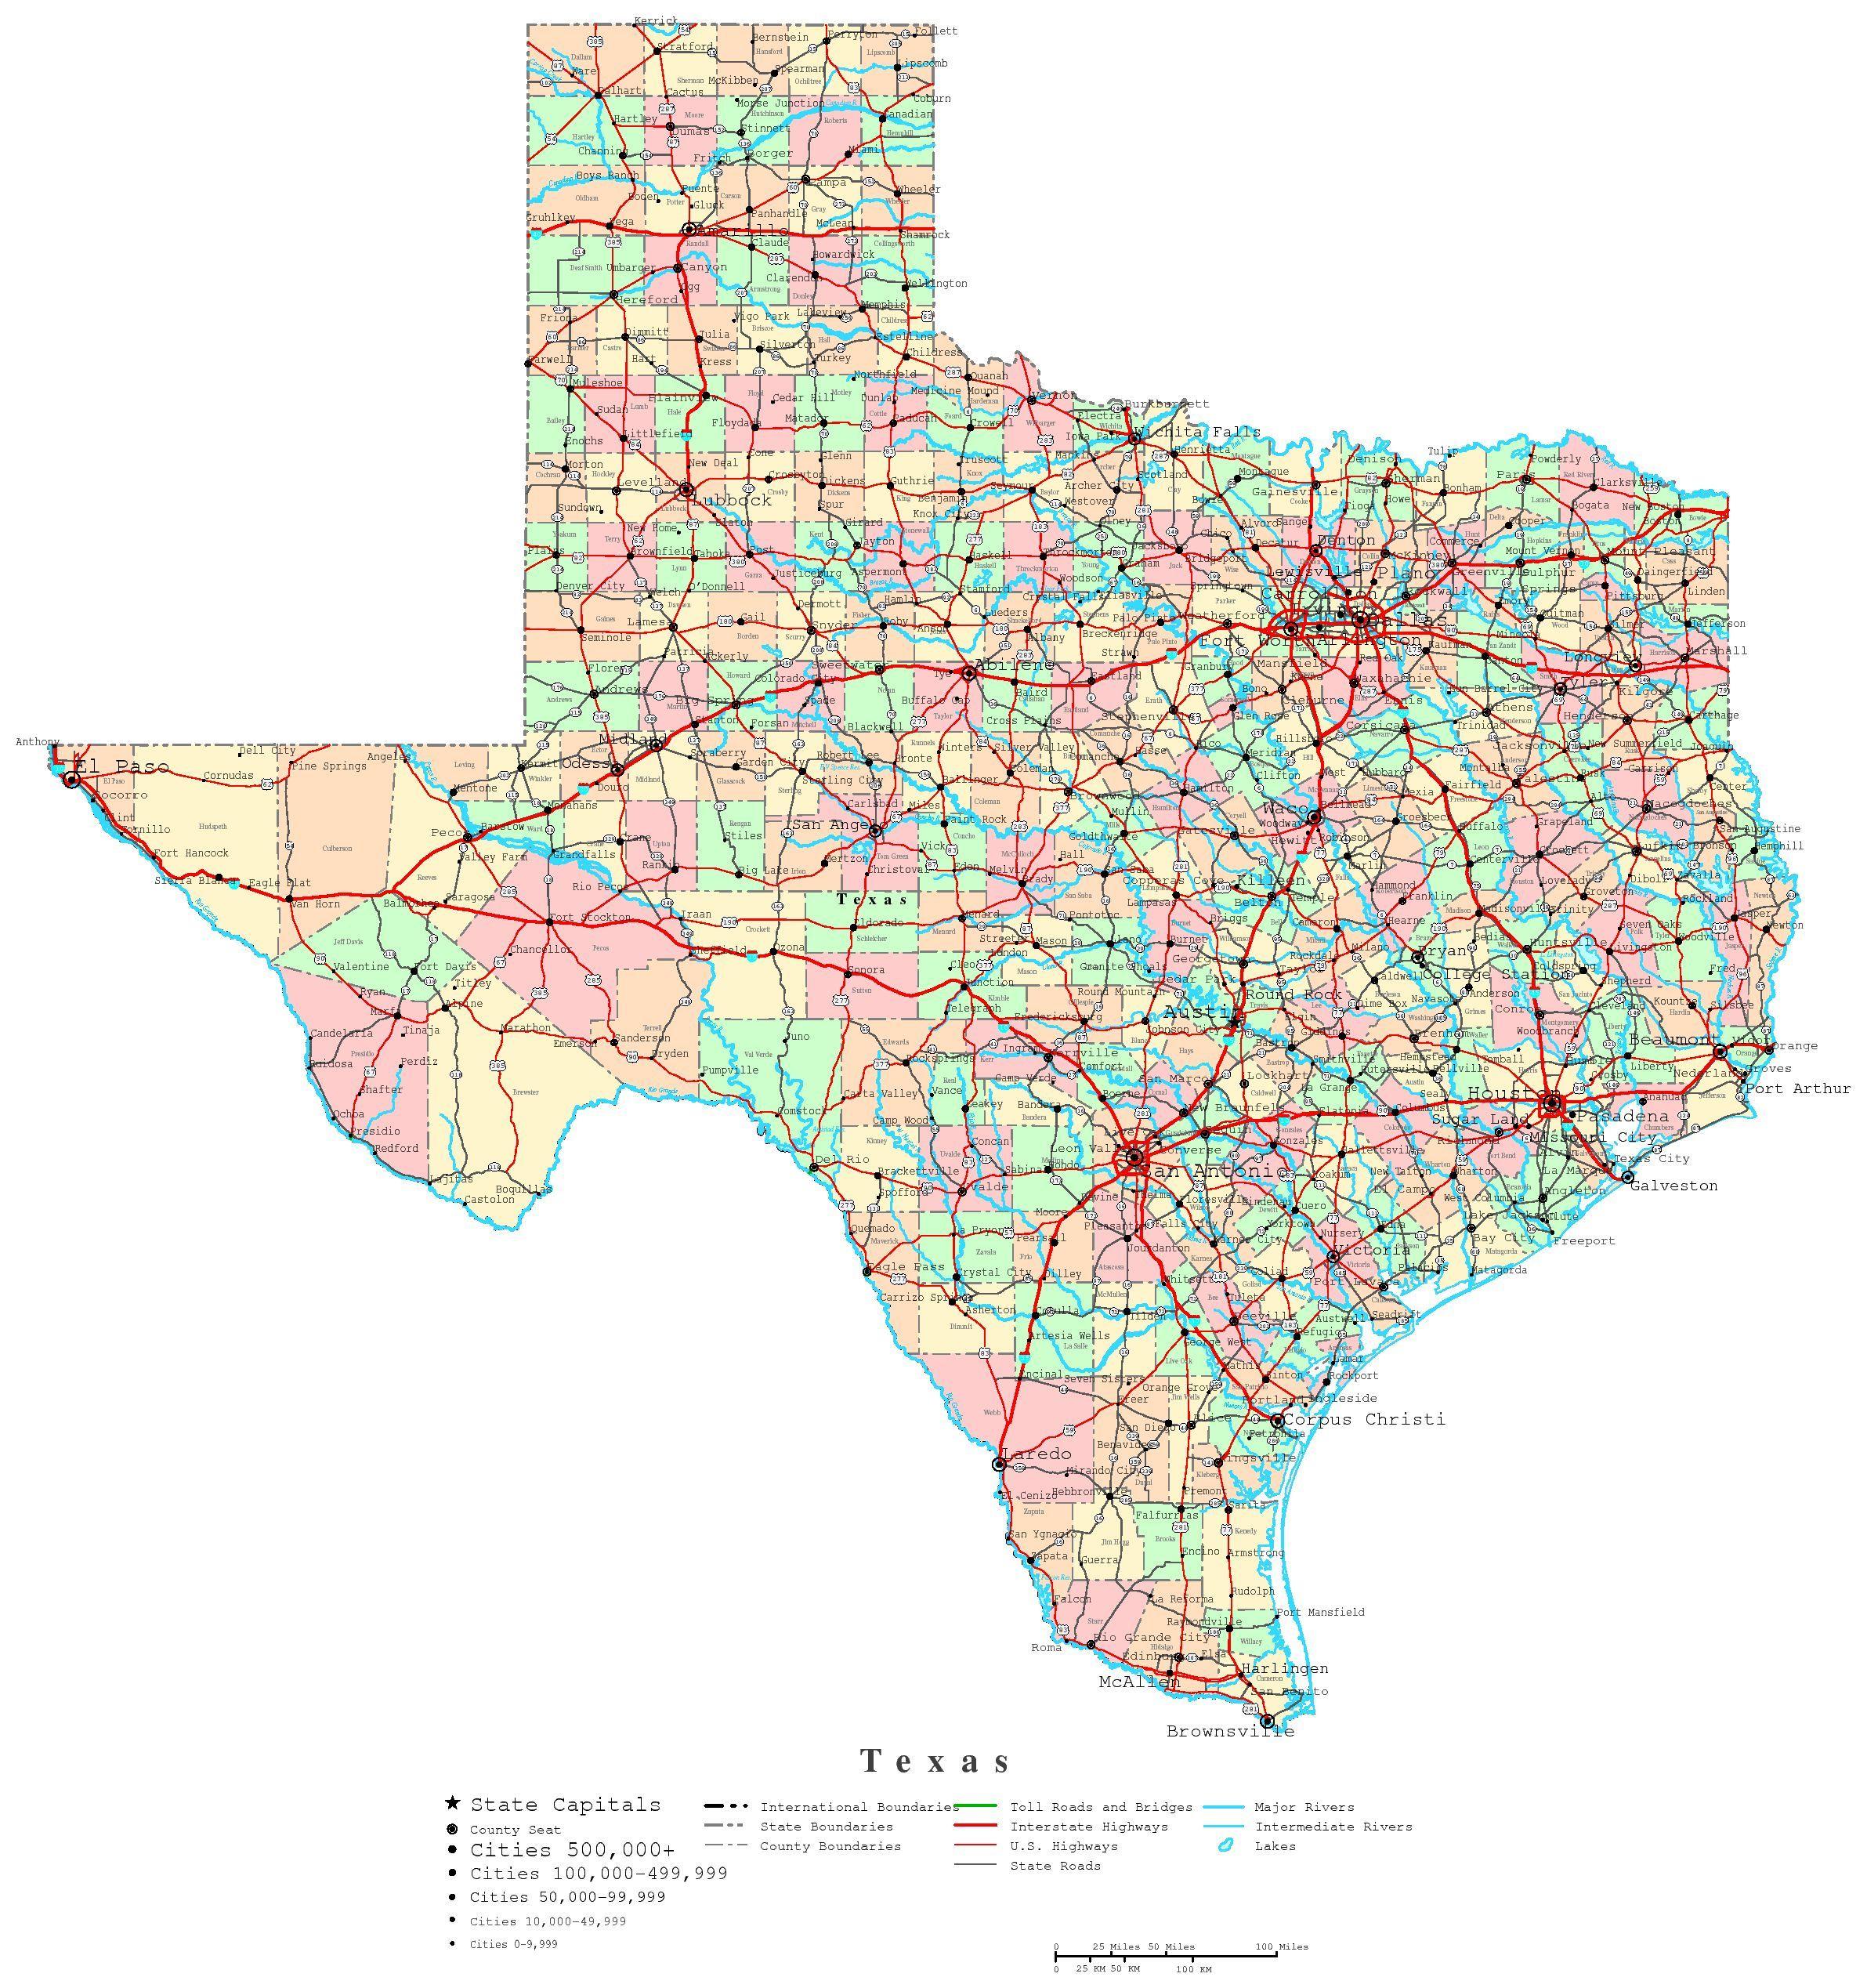 Printable Map Of Texas | Useful Info | Pinterest | Printable Maps - Giant Texas Wall Map